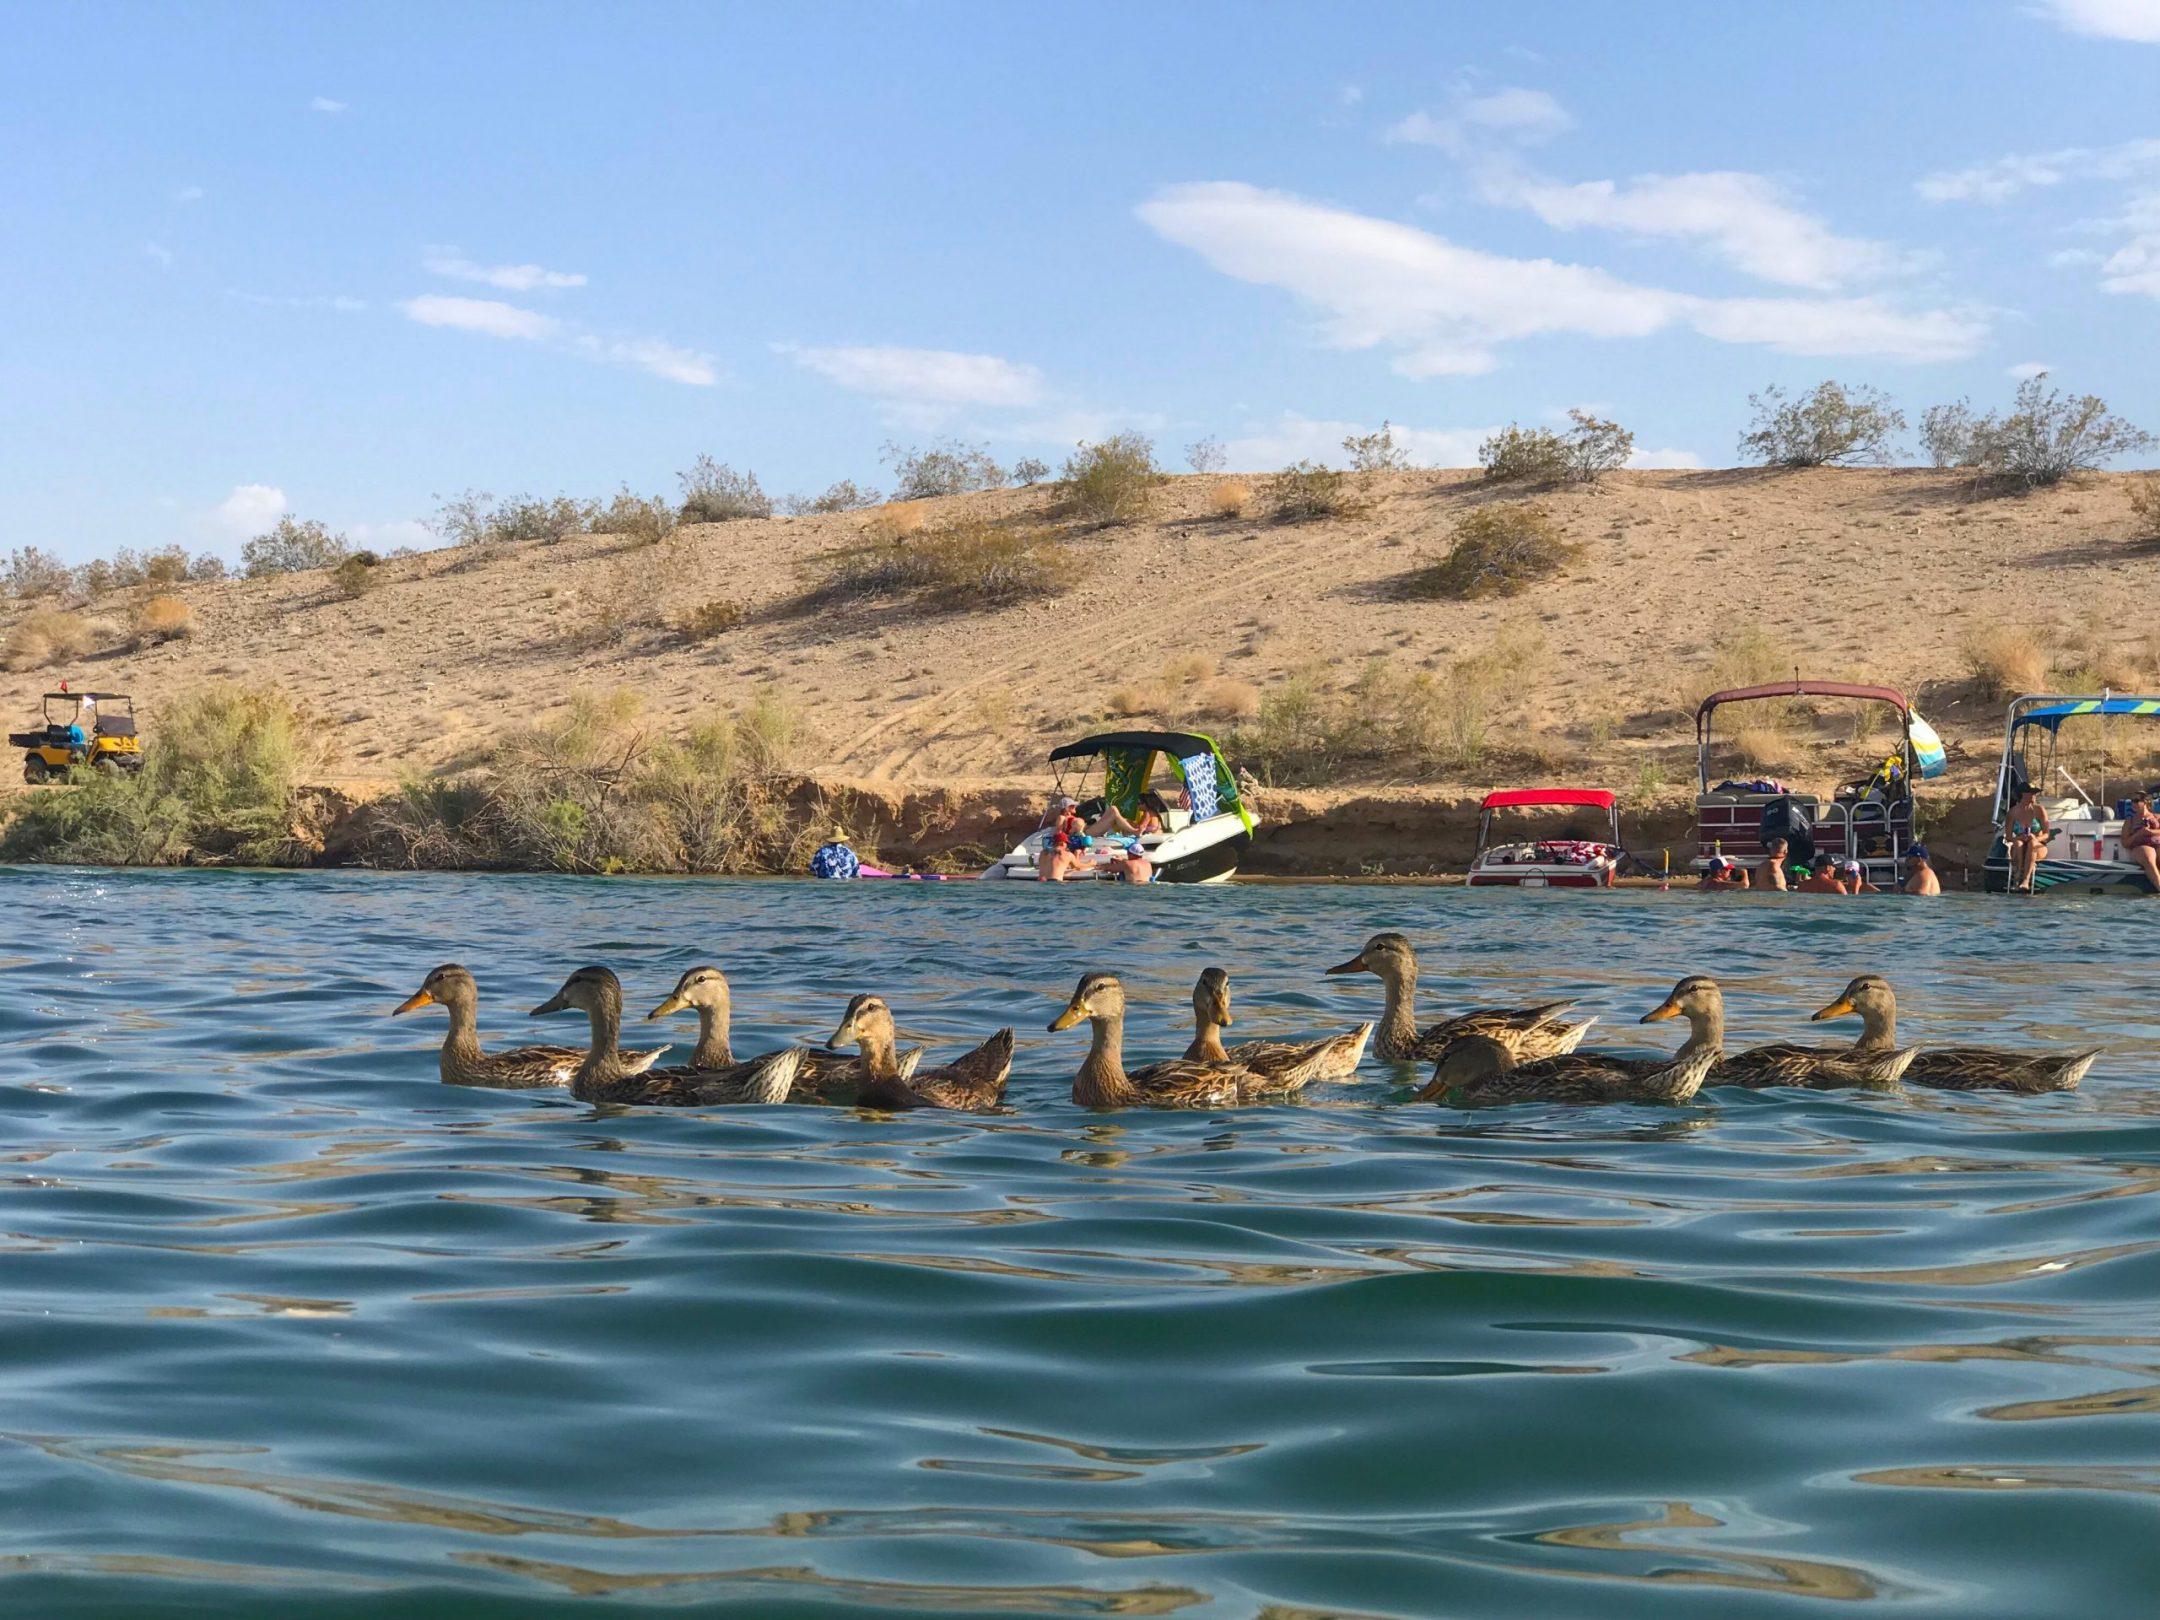 ducks on Lake Havasu